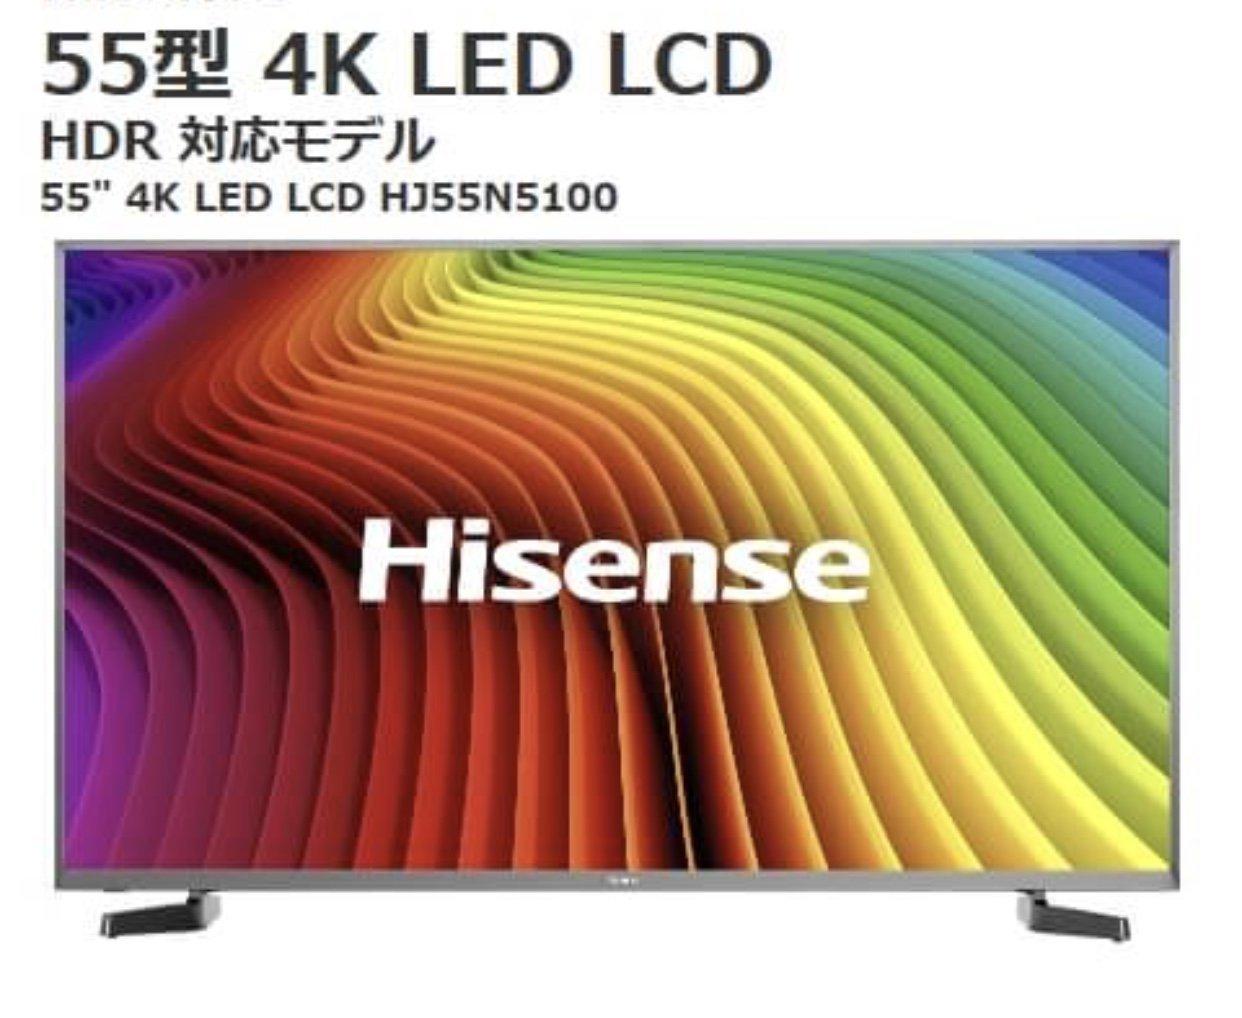 3年保証◆ハイセンス 55V型 4K対応液晶テレビ HDR対応 -メーカー3年保証/外付けHDD録画対応(裏番組録画)- HJ55N5100 業界最安値◆Panasonic SONY SHARP TOSHIBA同サイズ製品と比較して下さい◆HJ55N5000とベゼル色違い。 B078NXZJ86